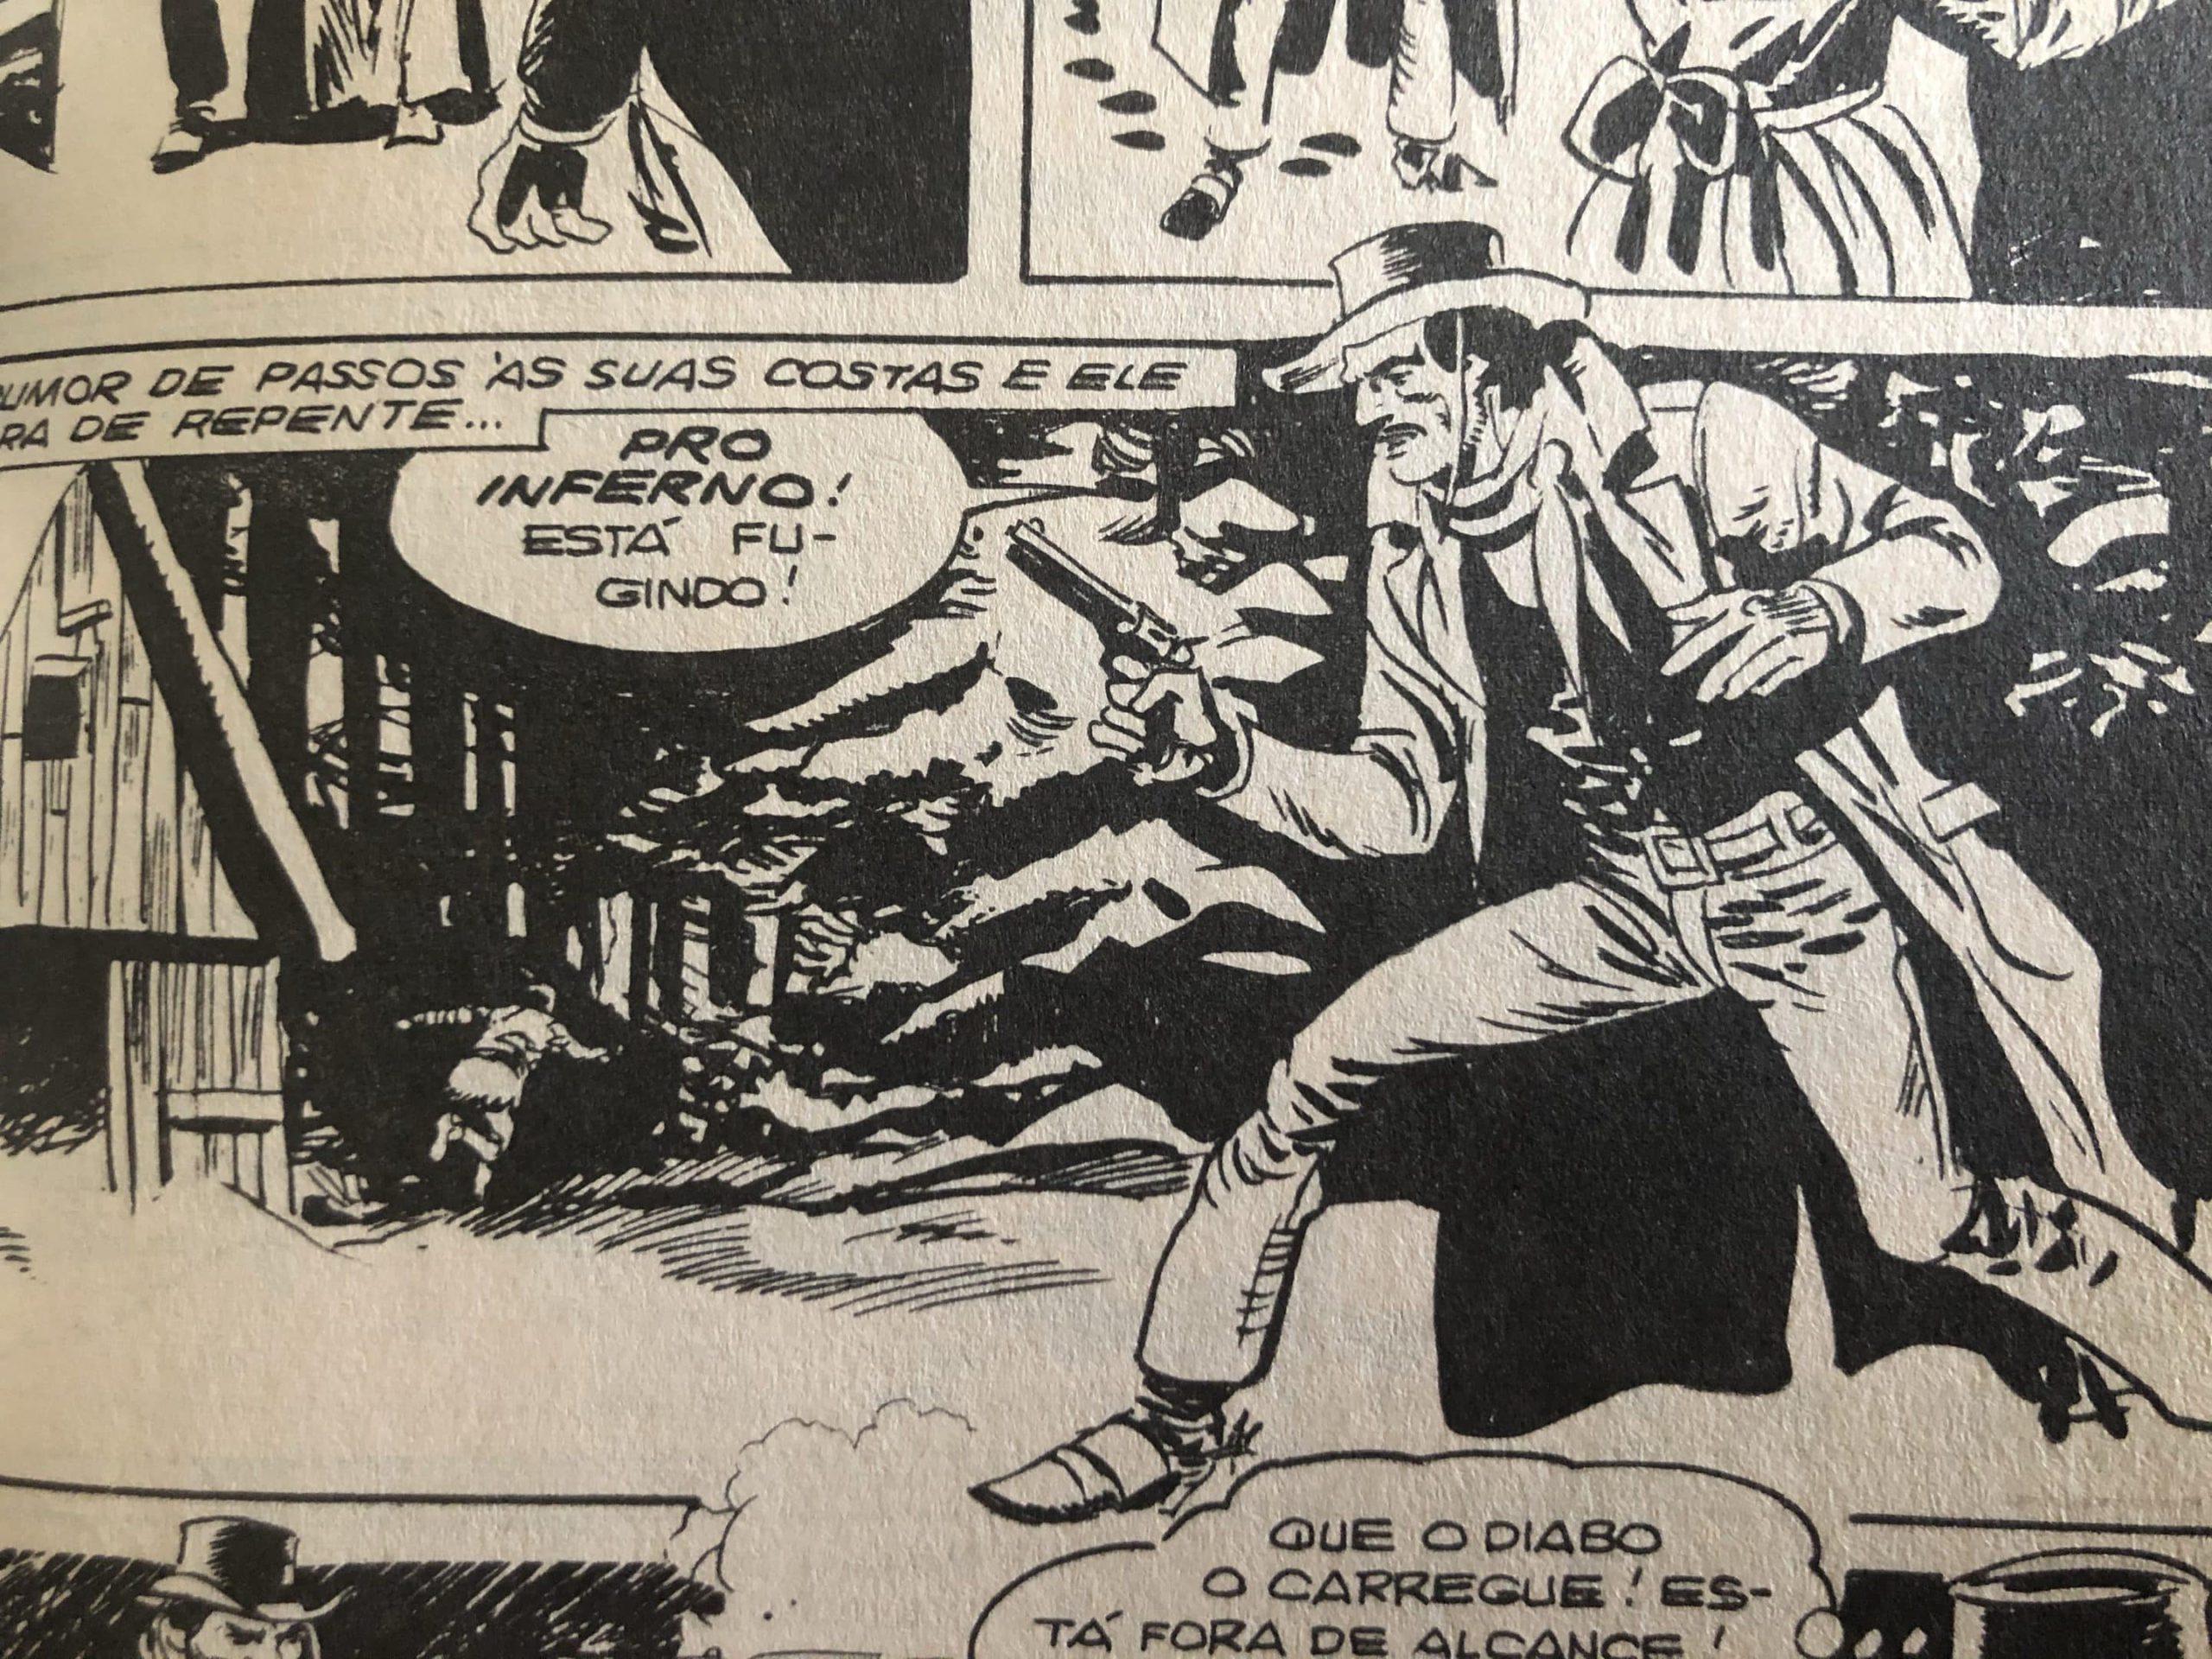 Judas de Ennio Missaglia (Chacal) - O Ultimato 1